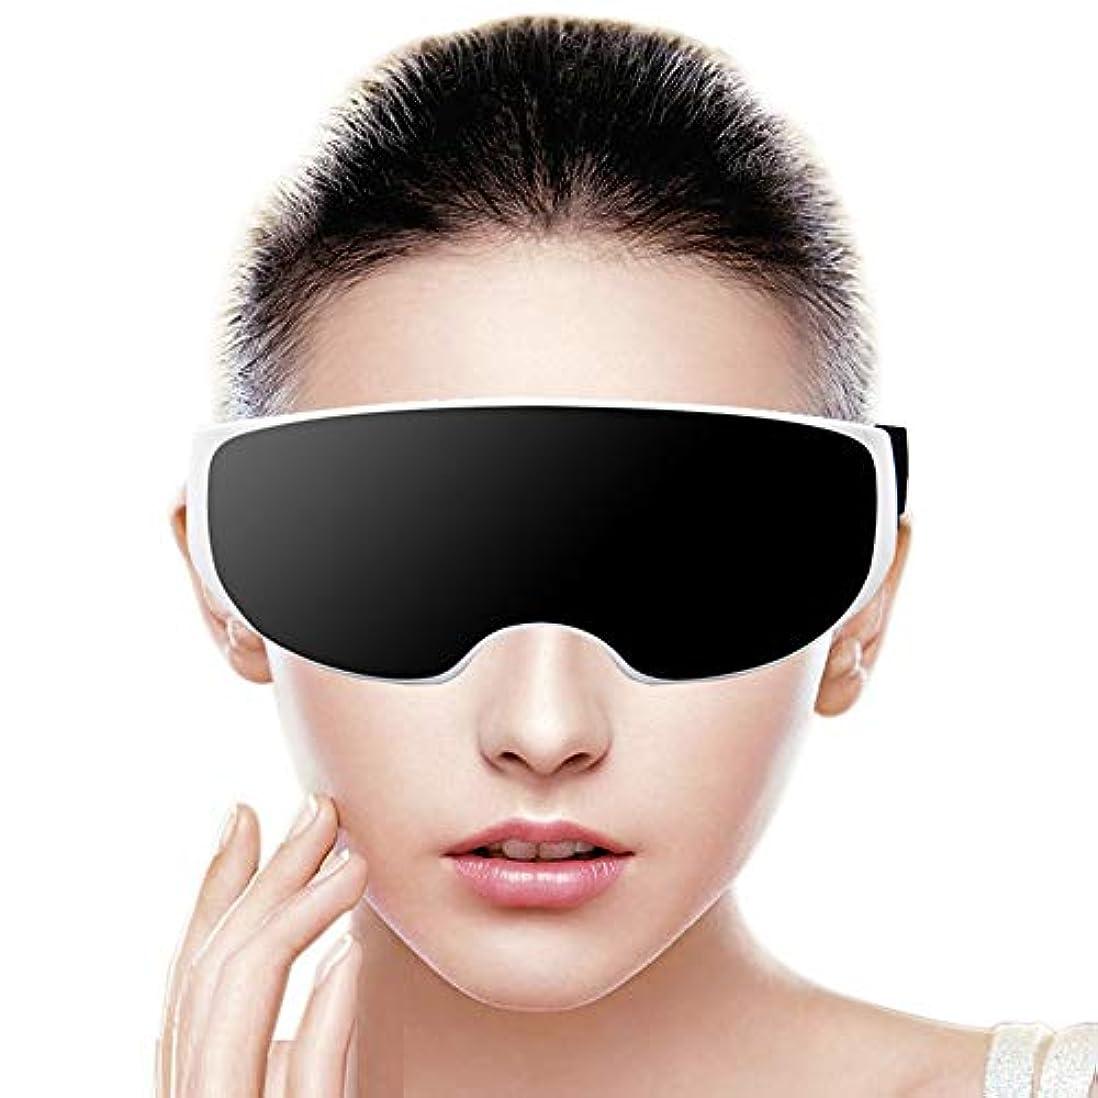 退屈な時間不快な電磁気療法の目の心配の器械の目の心配の目のマッサージャーの目のマッサージャーは余分な目と目の疲労を取り除きます (Color : White)